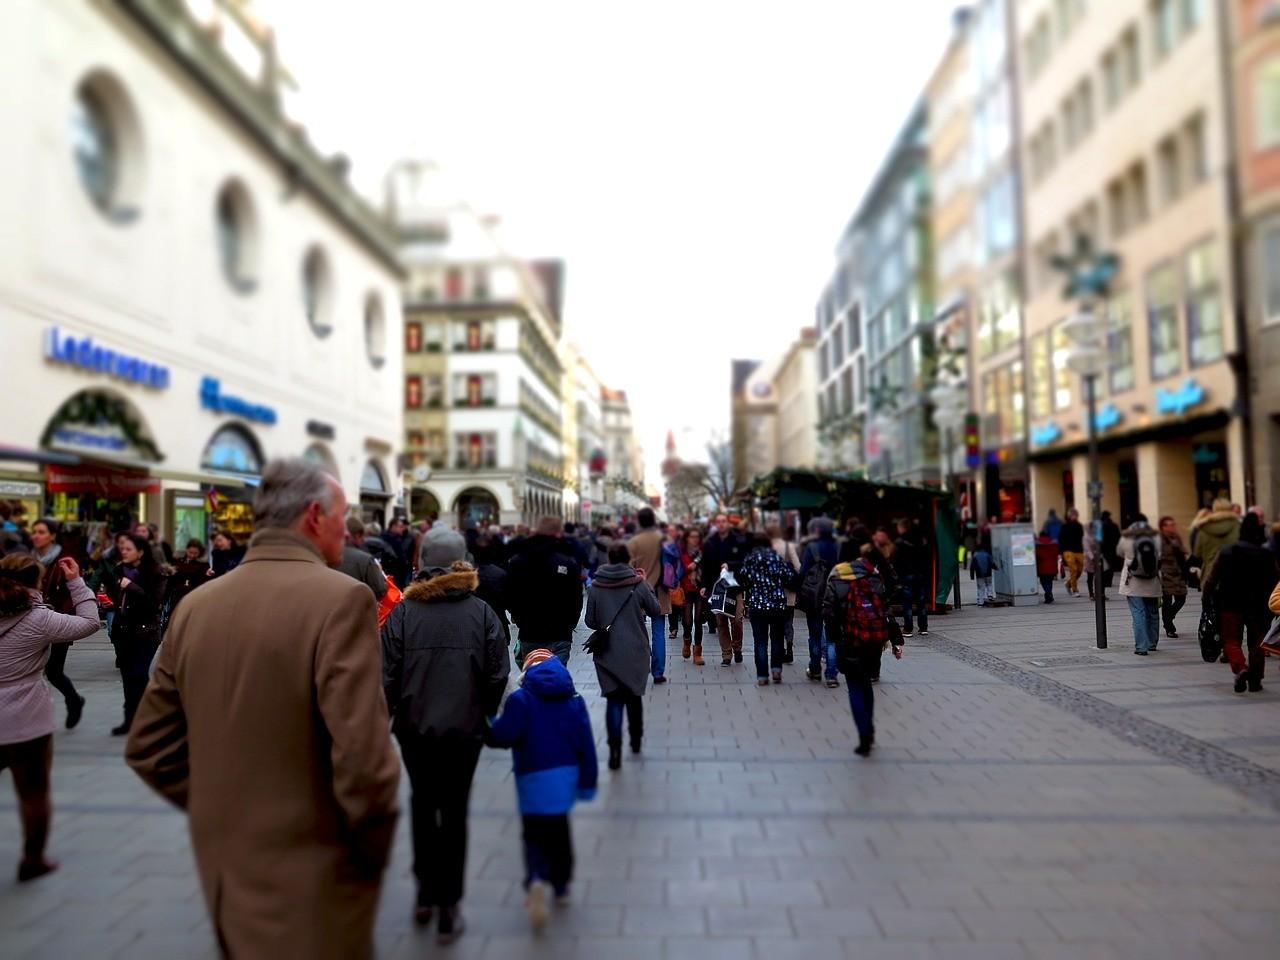 9 français sur 10 préparent leurs achats sur internet avant de se rendre dans les commerces de proximité. Les commerçants doivent impérativement être visibles sur le web !